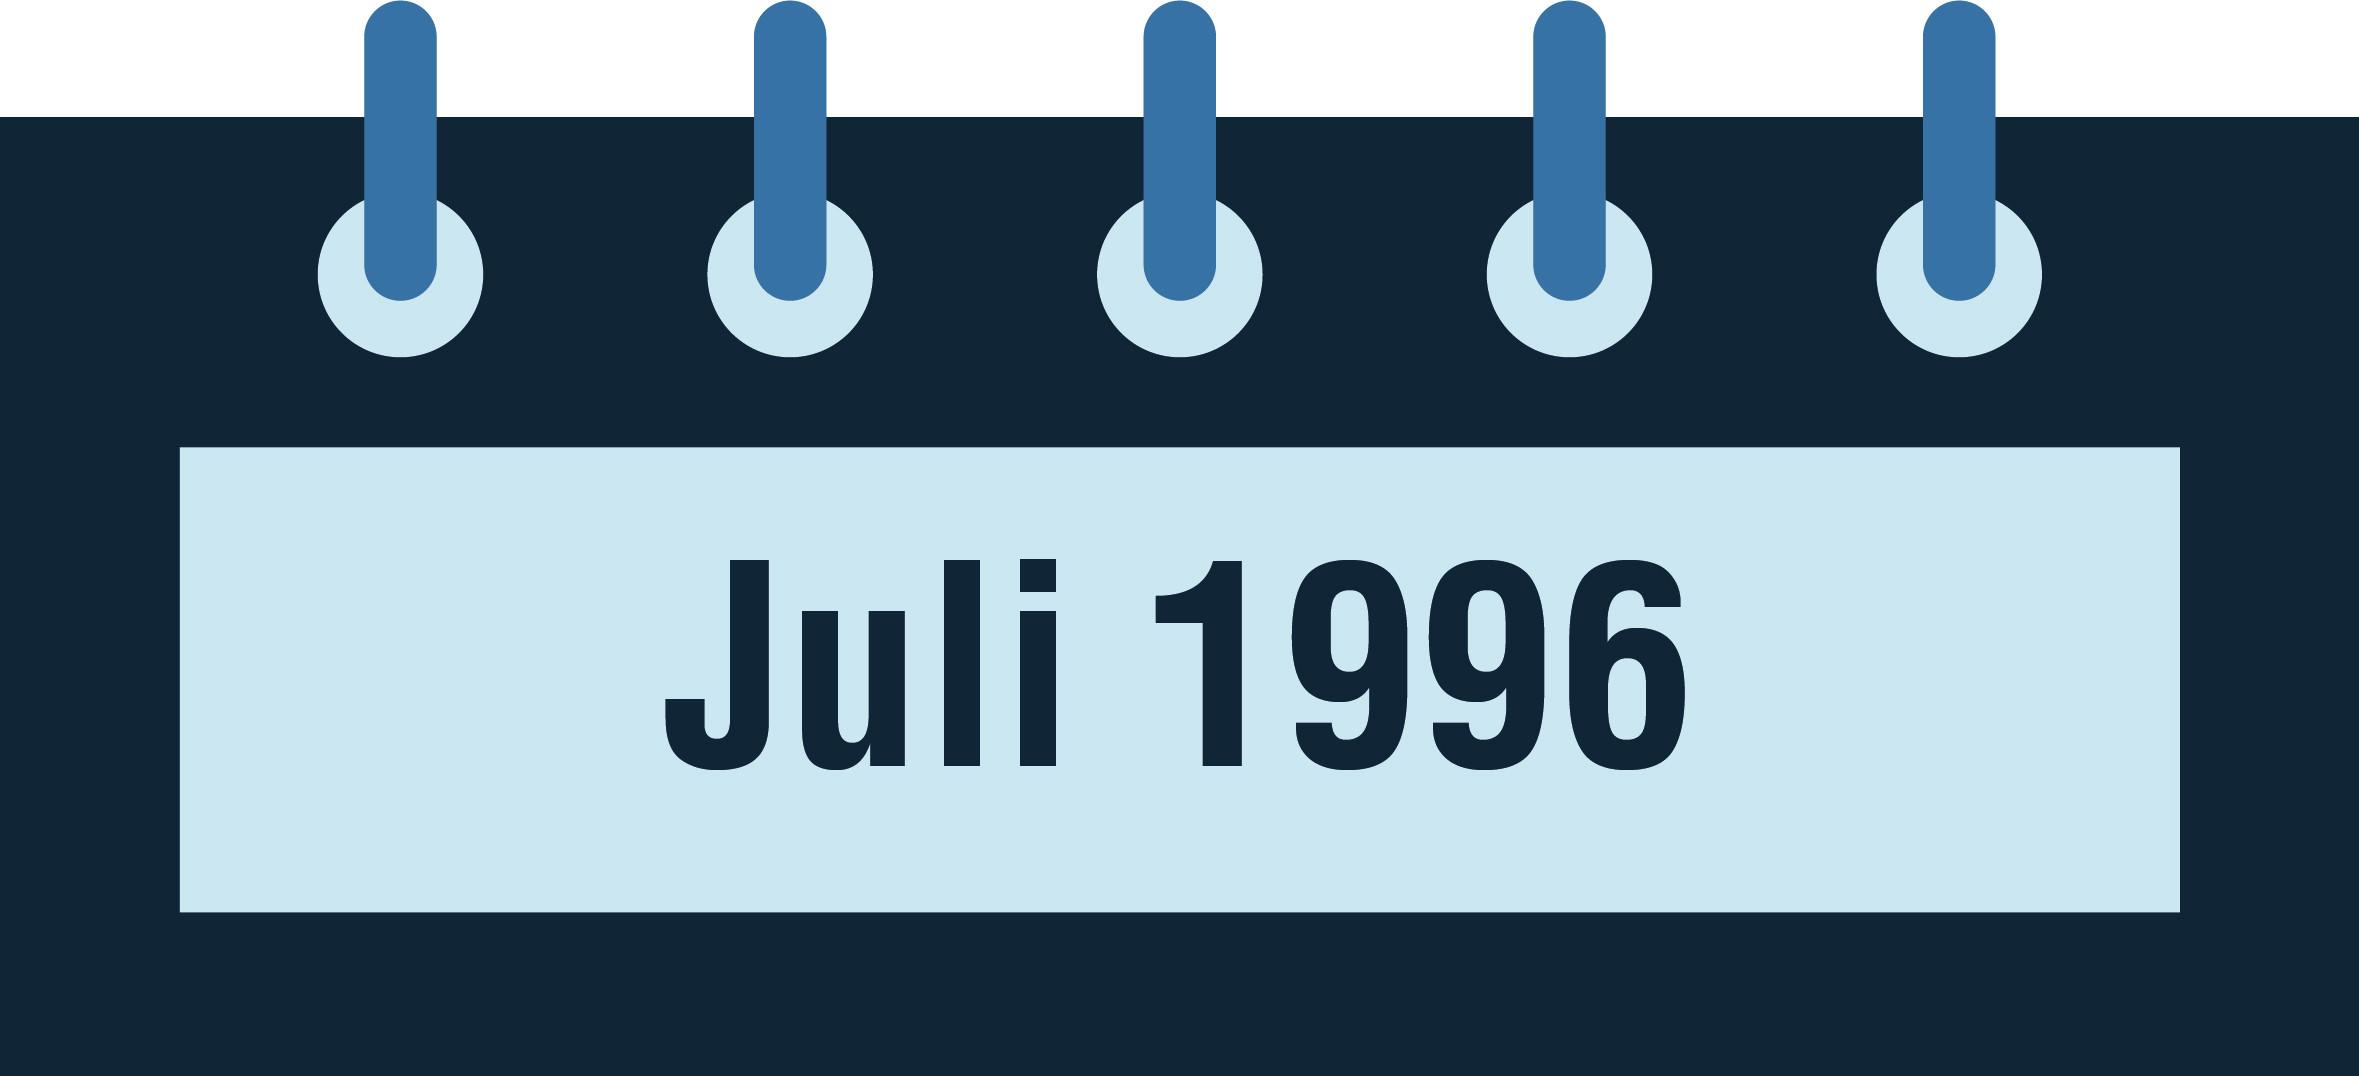 NeuroCheck Geschichte - Juli 1996 (Foto © NeuroCheck)